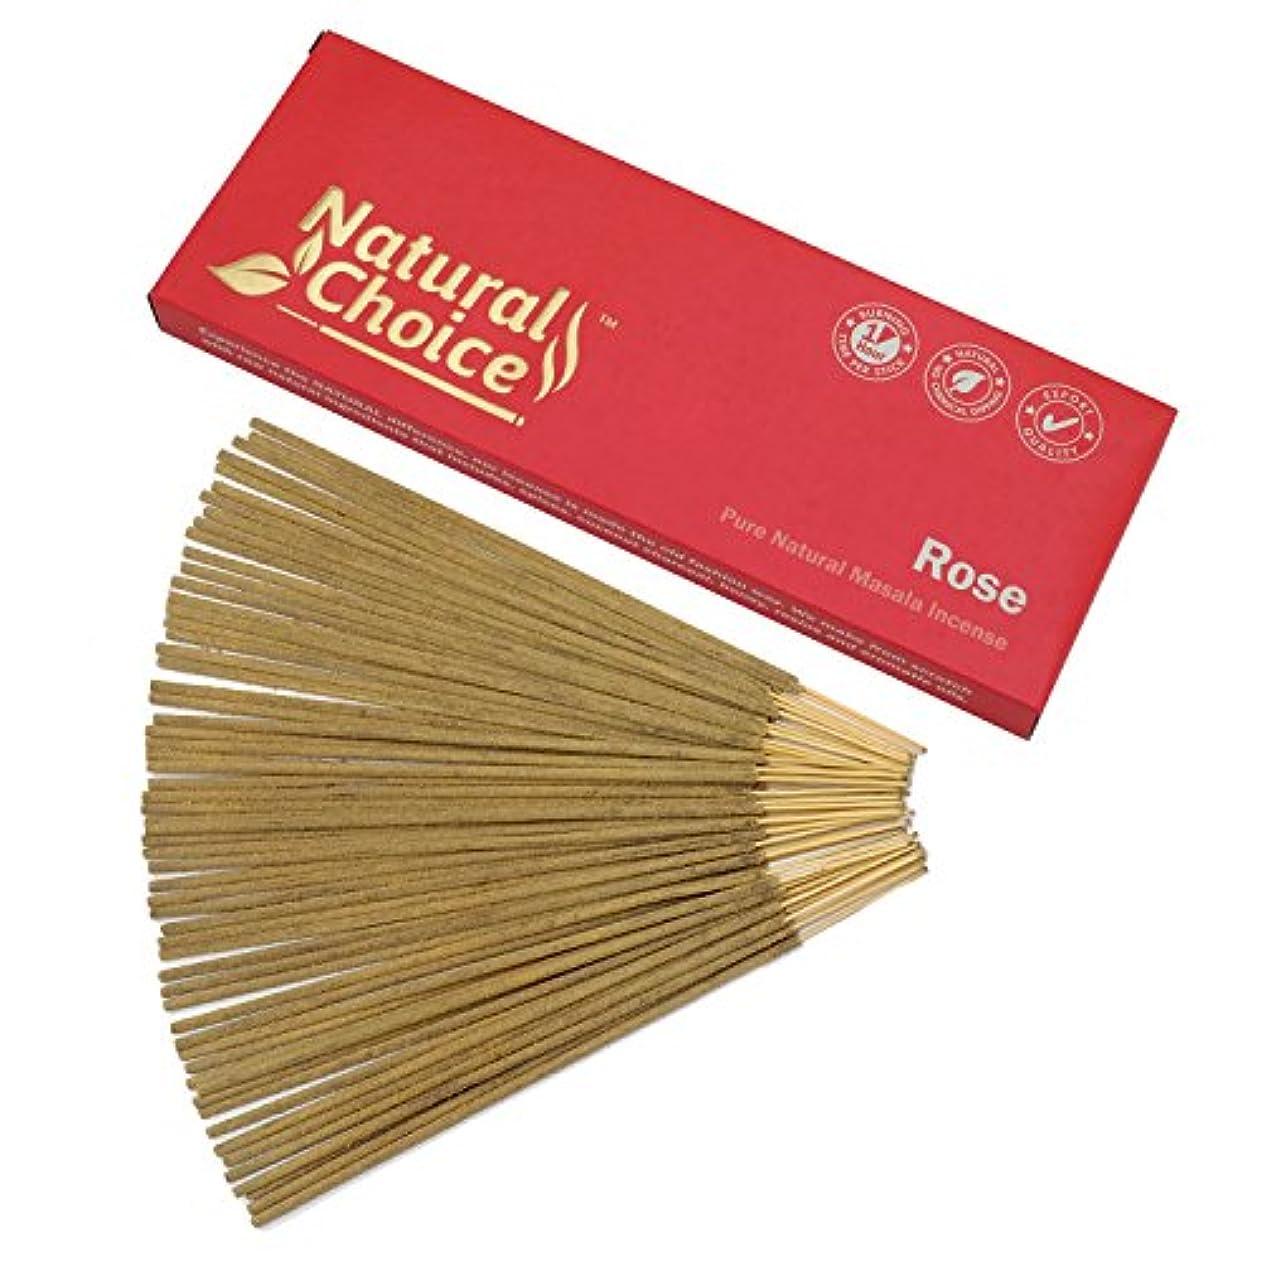 アサースラダム自転車Natural Choice Incense Rose Incense Sticks 100 gm – Made from Scratch – No Dipping